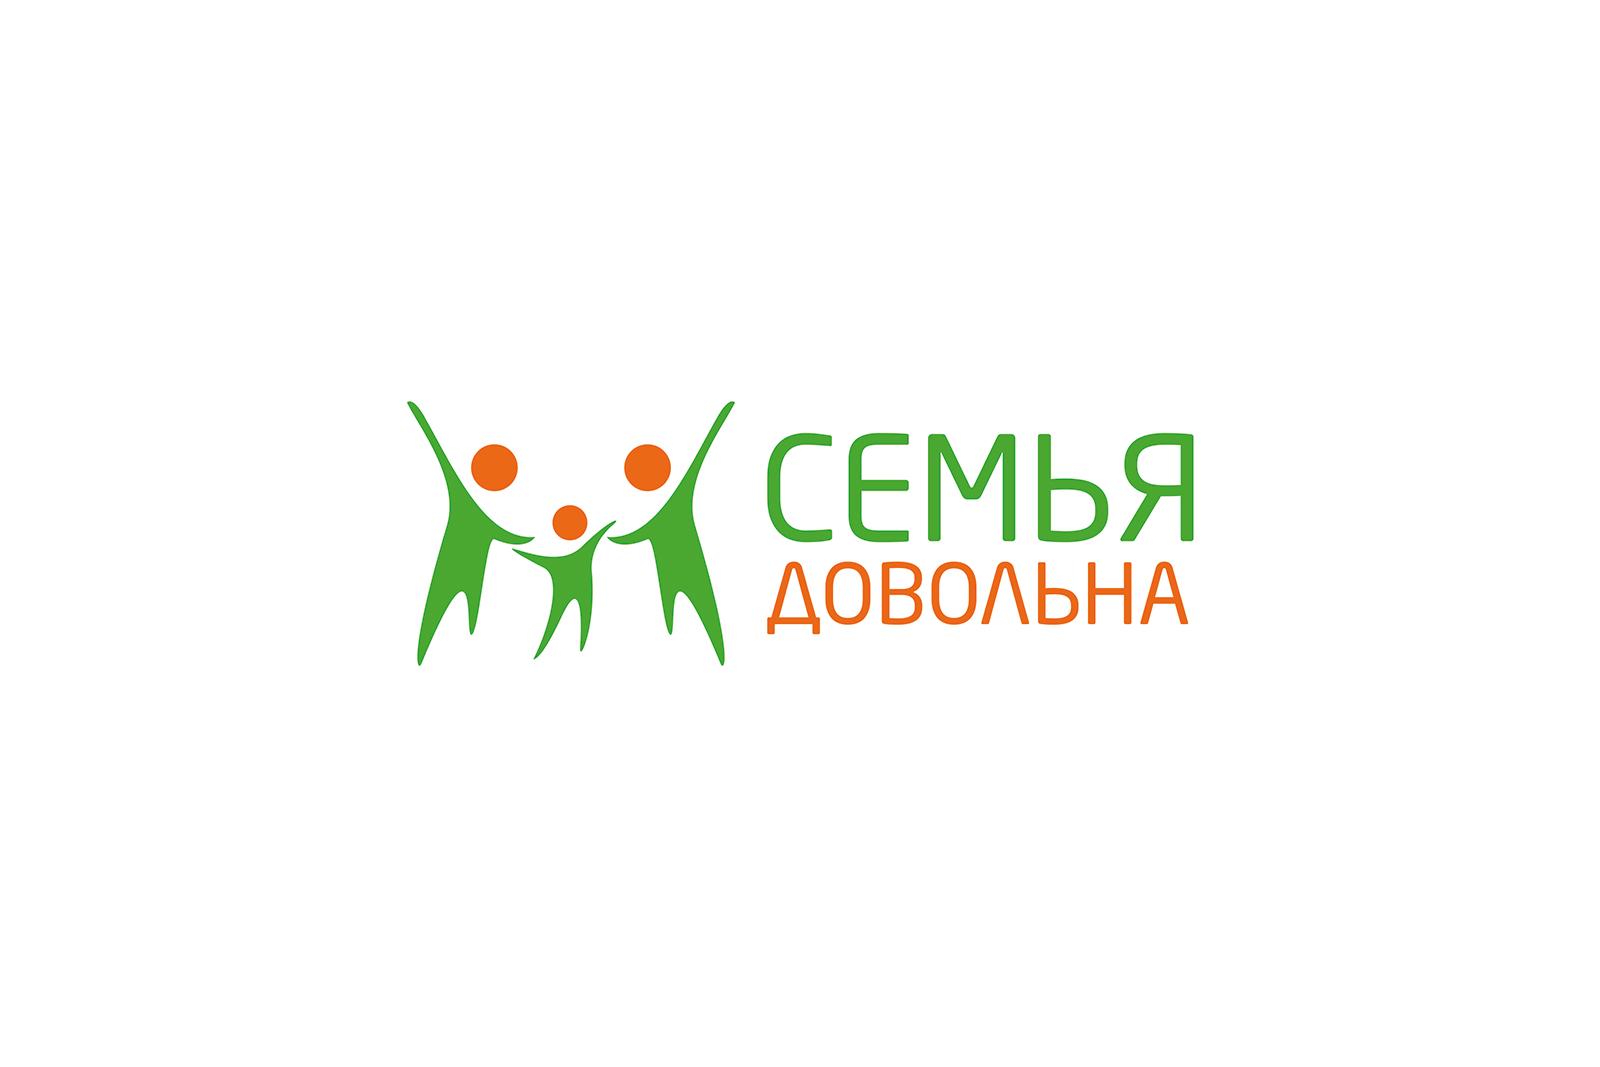 """Разработайте логотип для торговой марки """"Семья довольна"""" фото f_202596ce7d5c2fcb.jpg"""